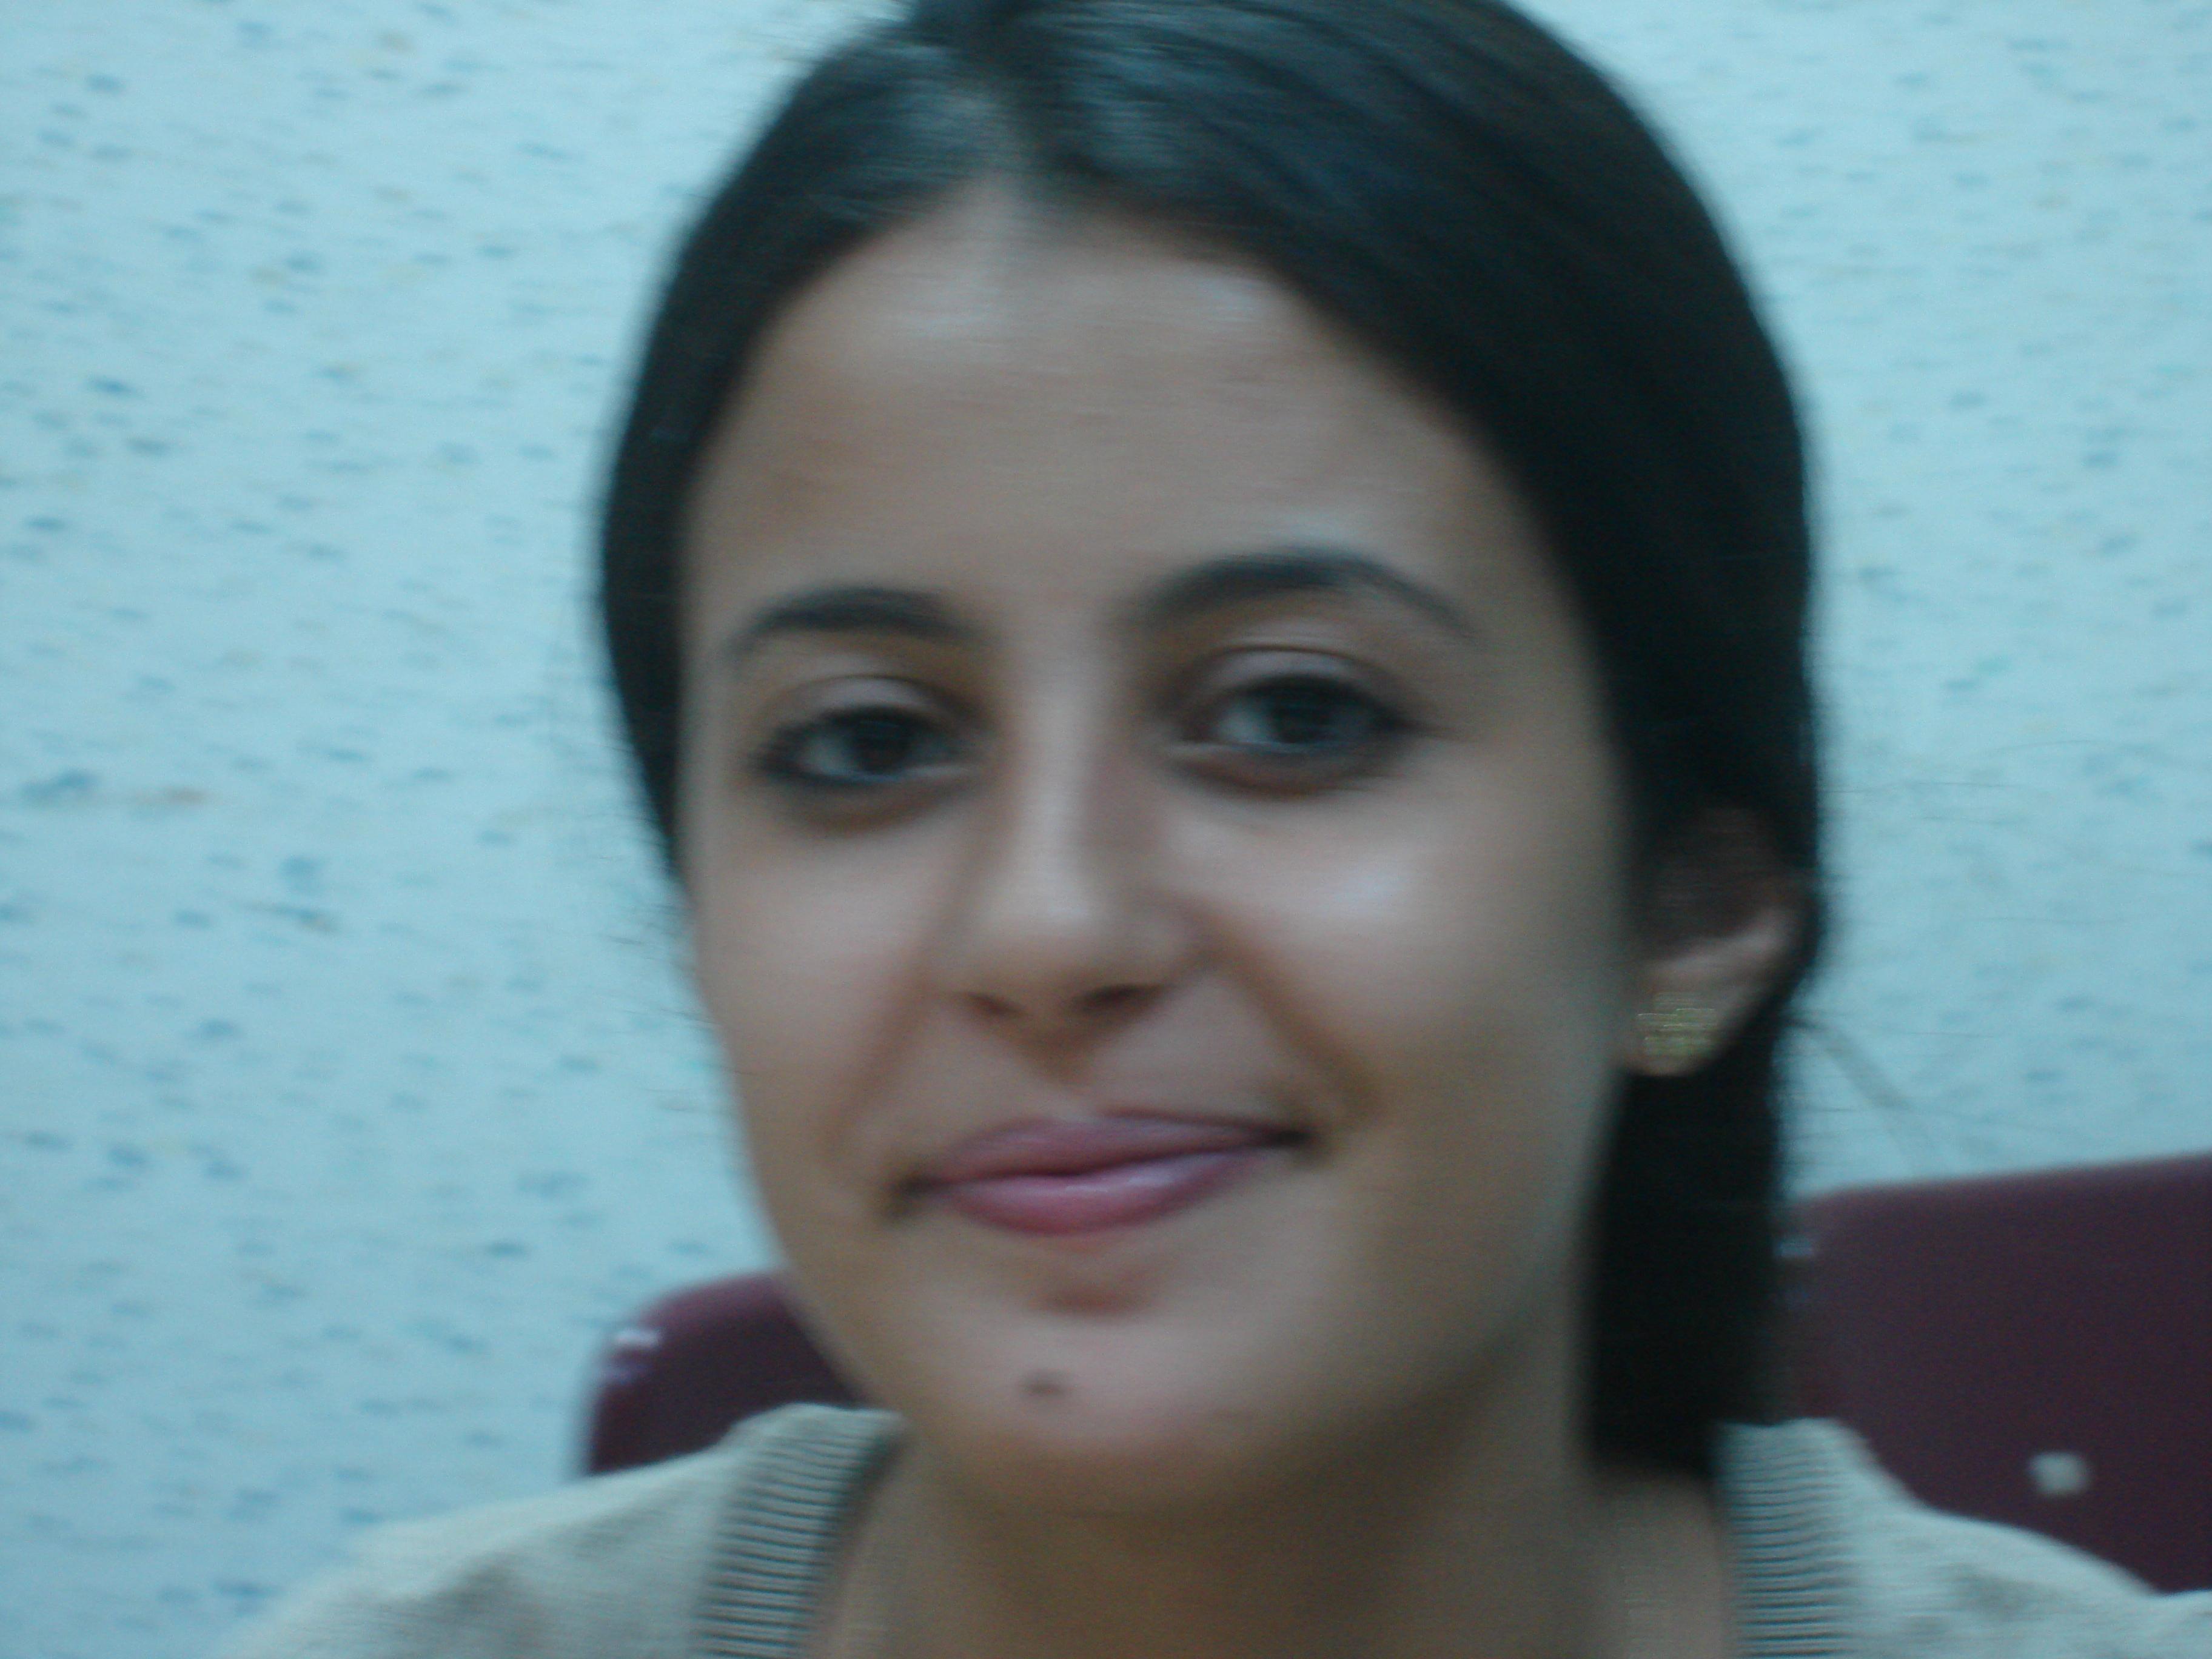 Khattab, Soukaina